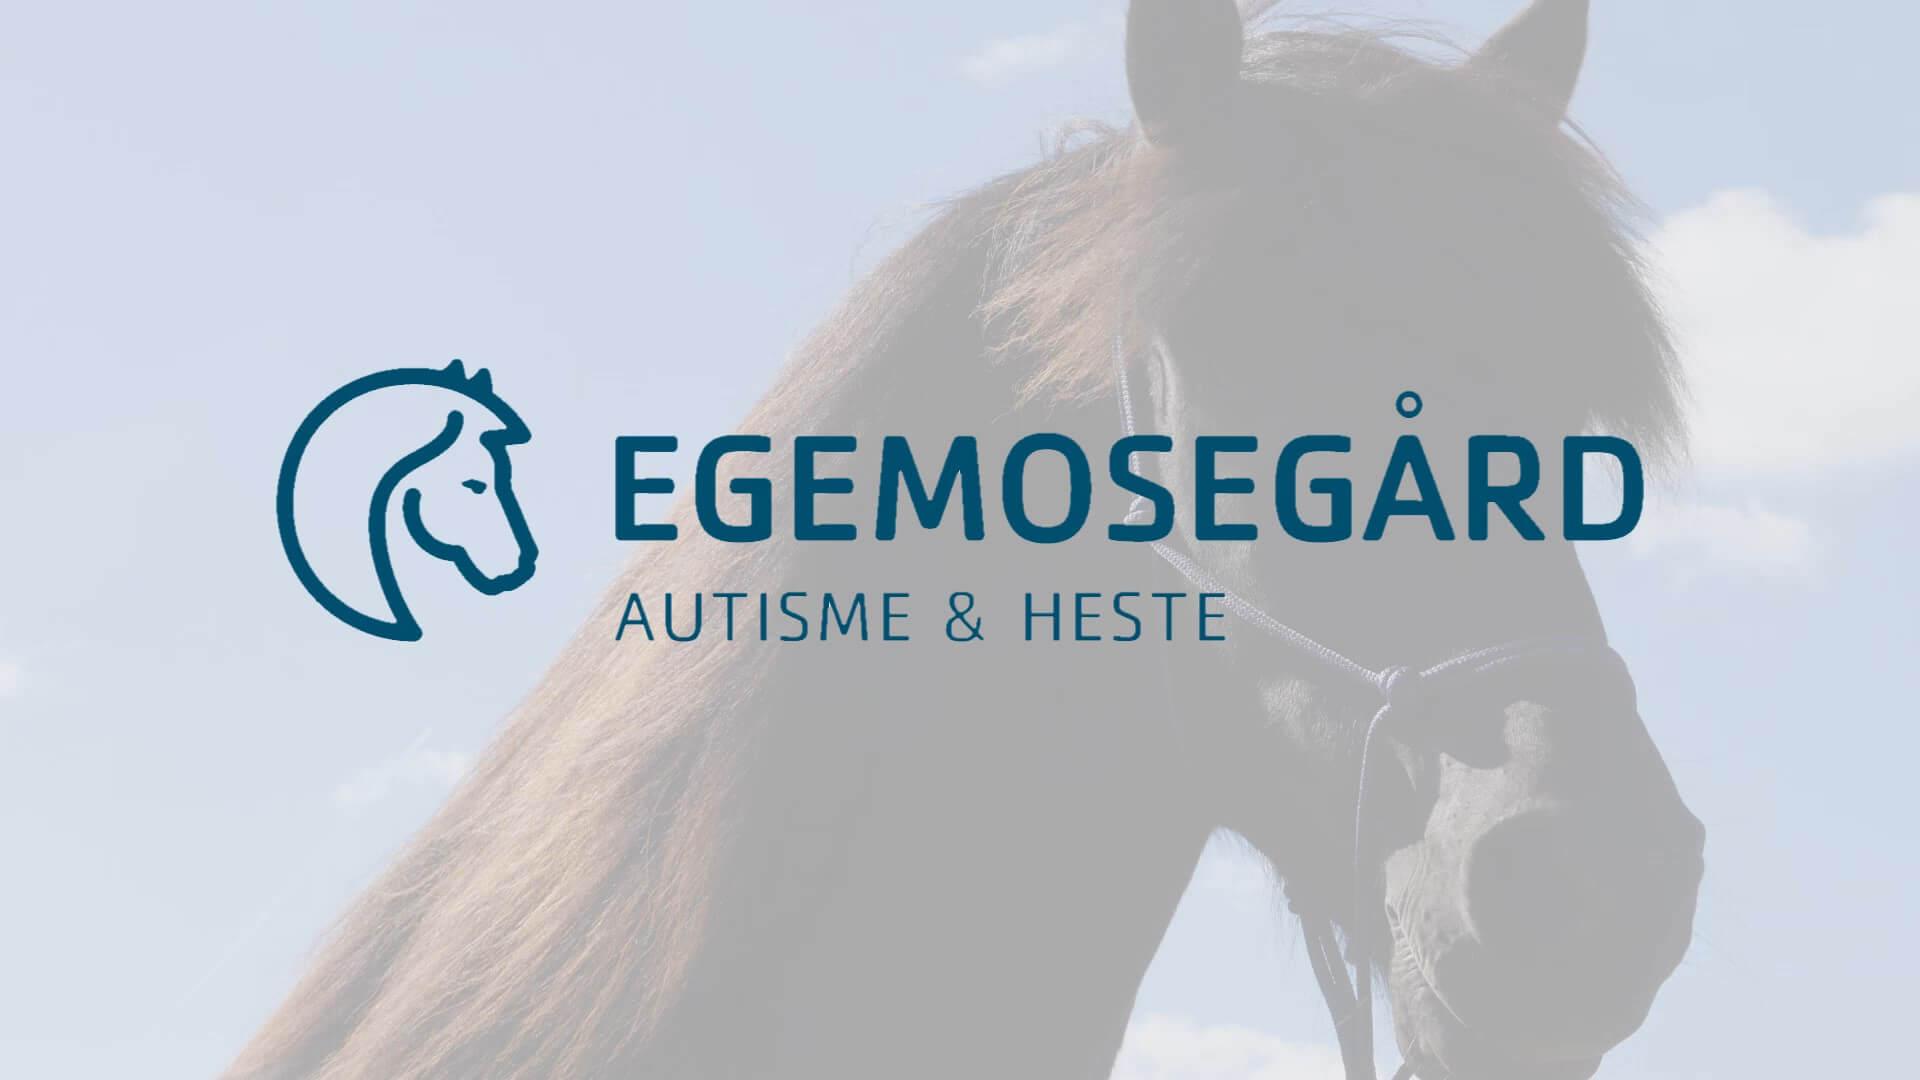 Egemosegård, Autisme og Heste